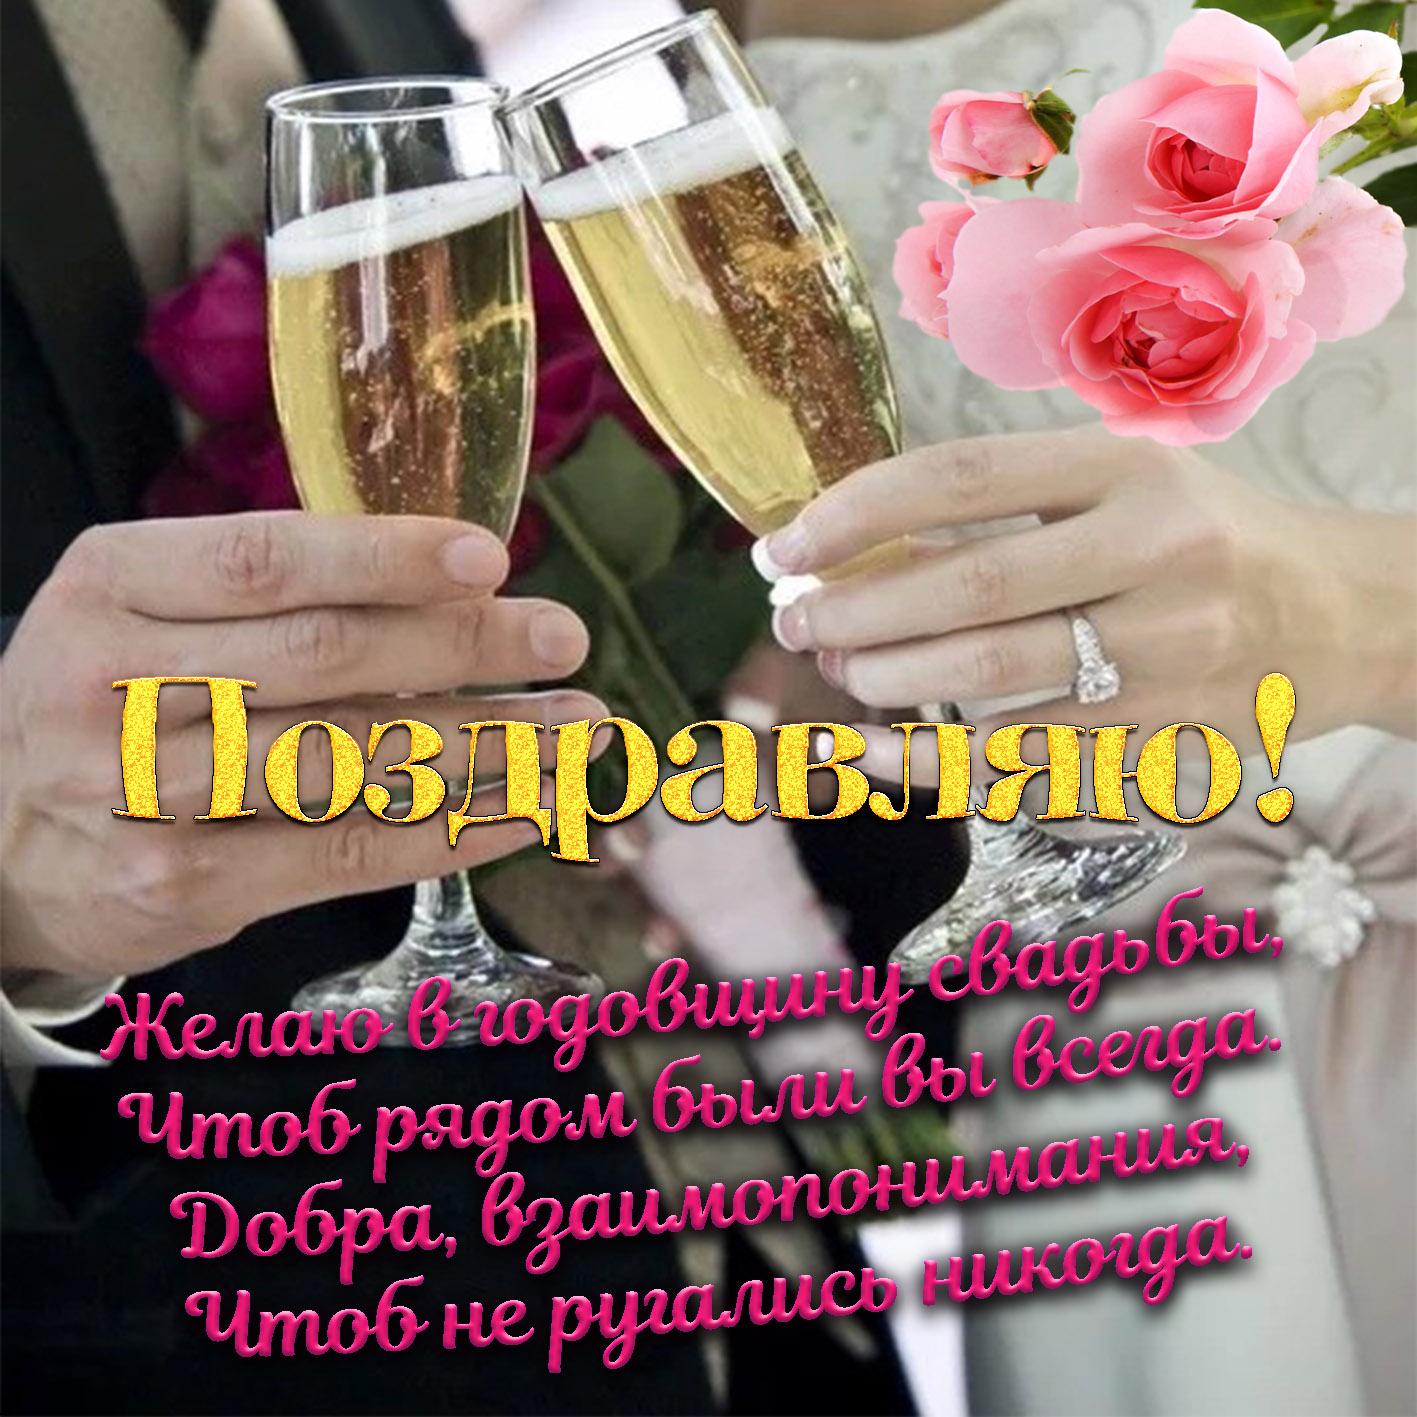 Открытка с поздравлением на красивом фоне с годовщиной свадьбы